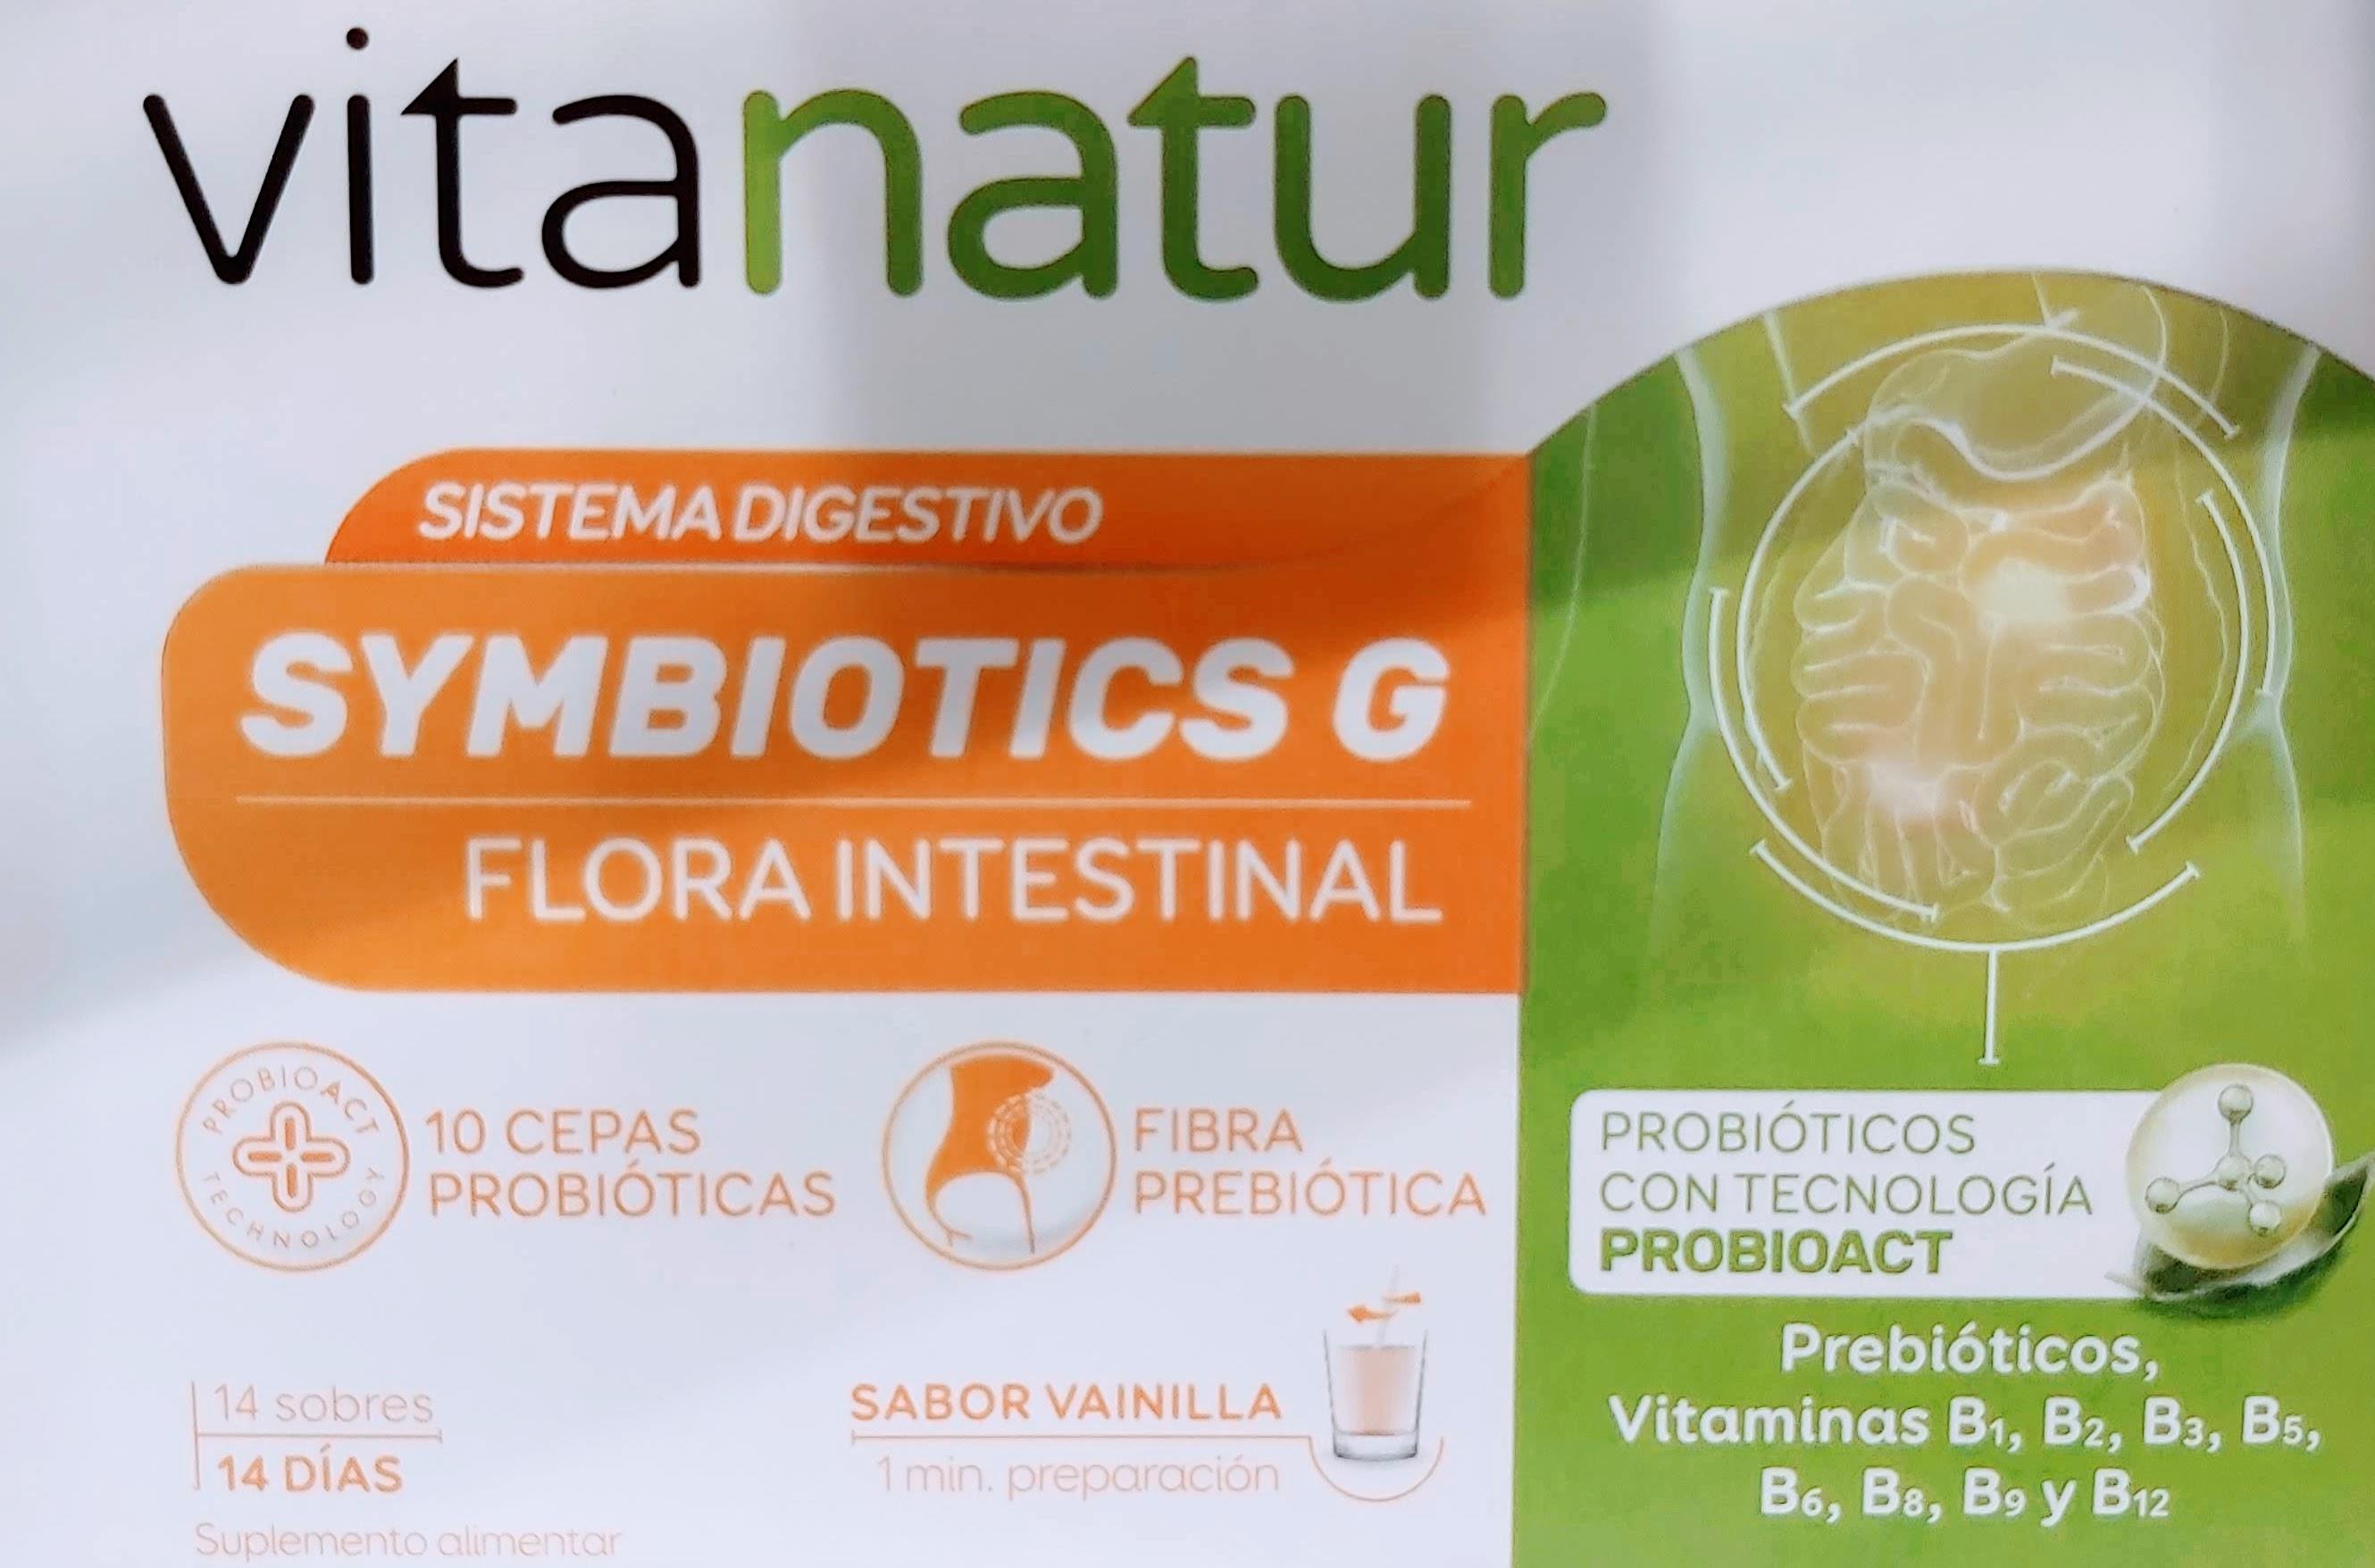 Comprar Vitanatur Symbiotics G Turbo en Gran Farmacia Andorra ayuda a mantener el equilibrio de la flora intestinal Se trata de un suplemento alimenticio a base de probióticos prebióticos y vitaminas que ayuda a mantener el equilibrio de la flora intestinal